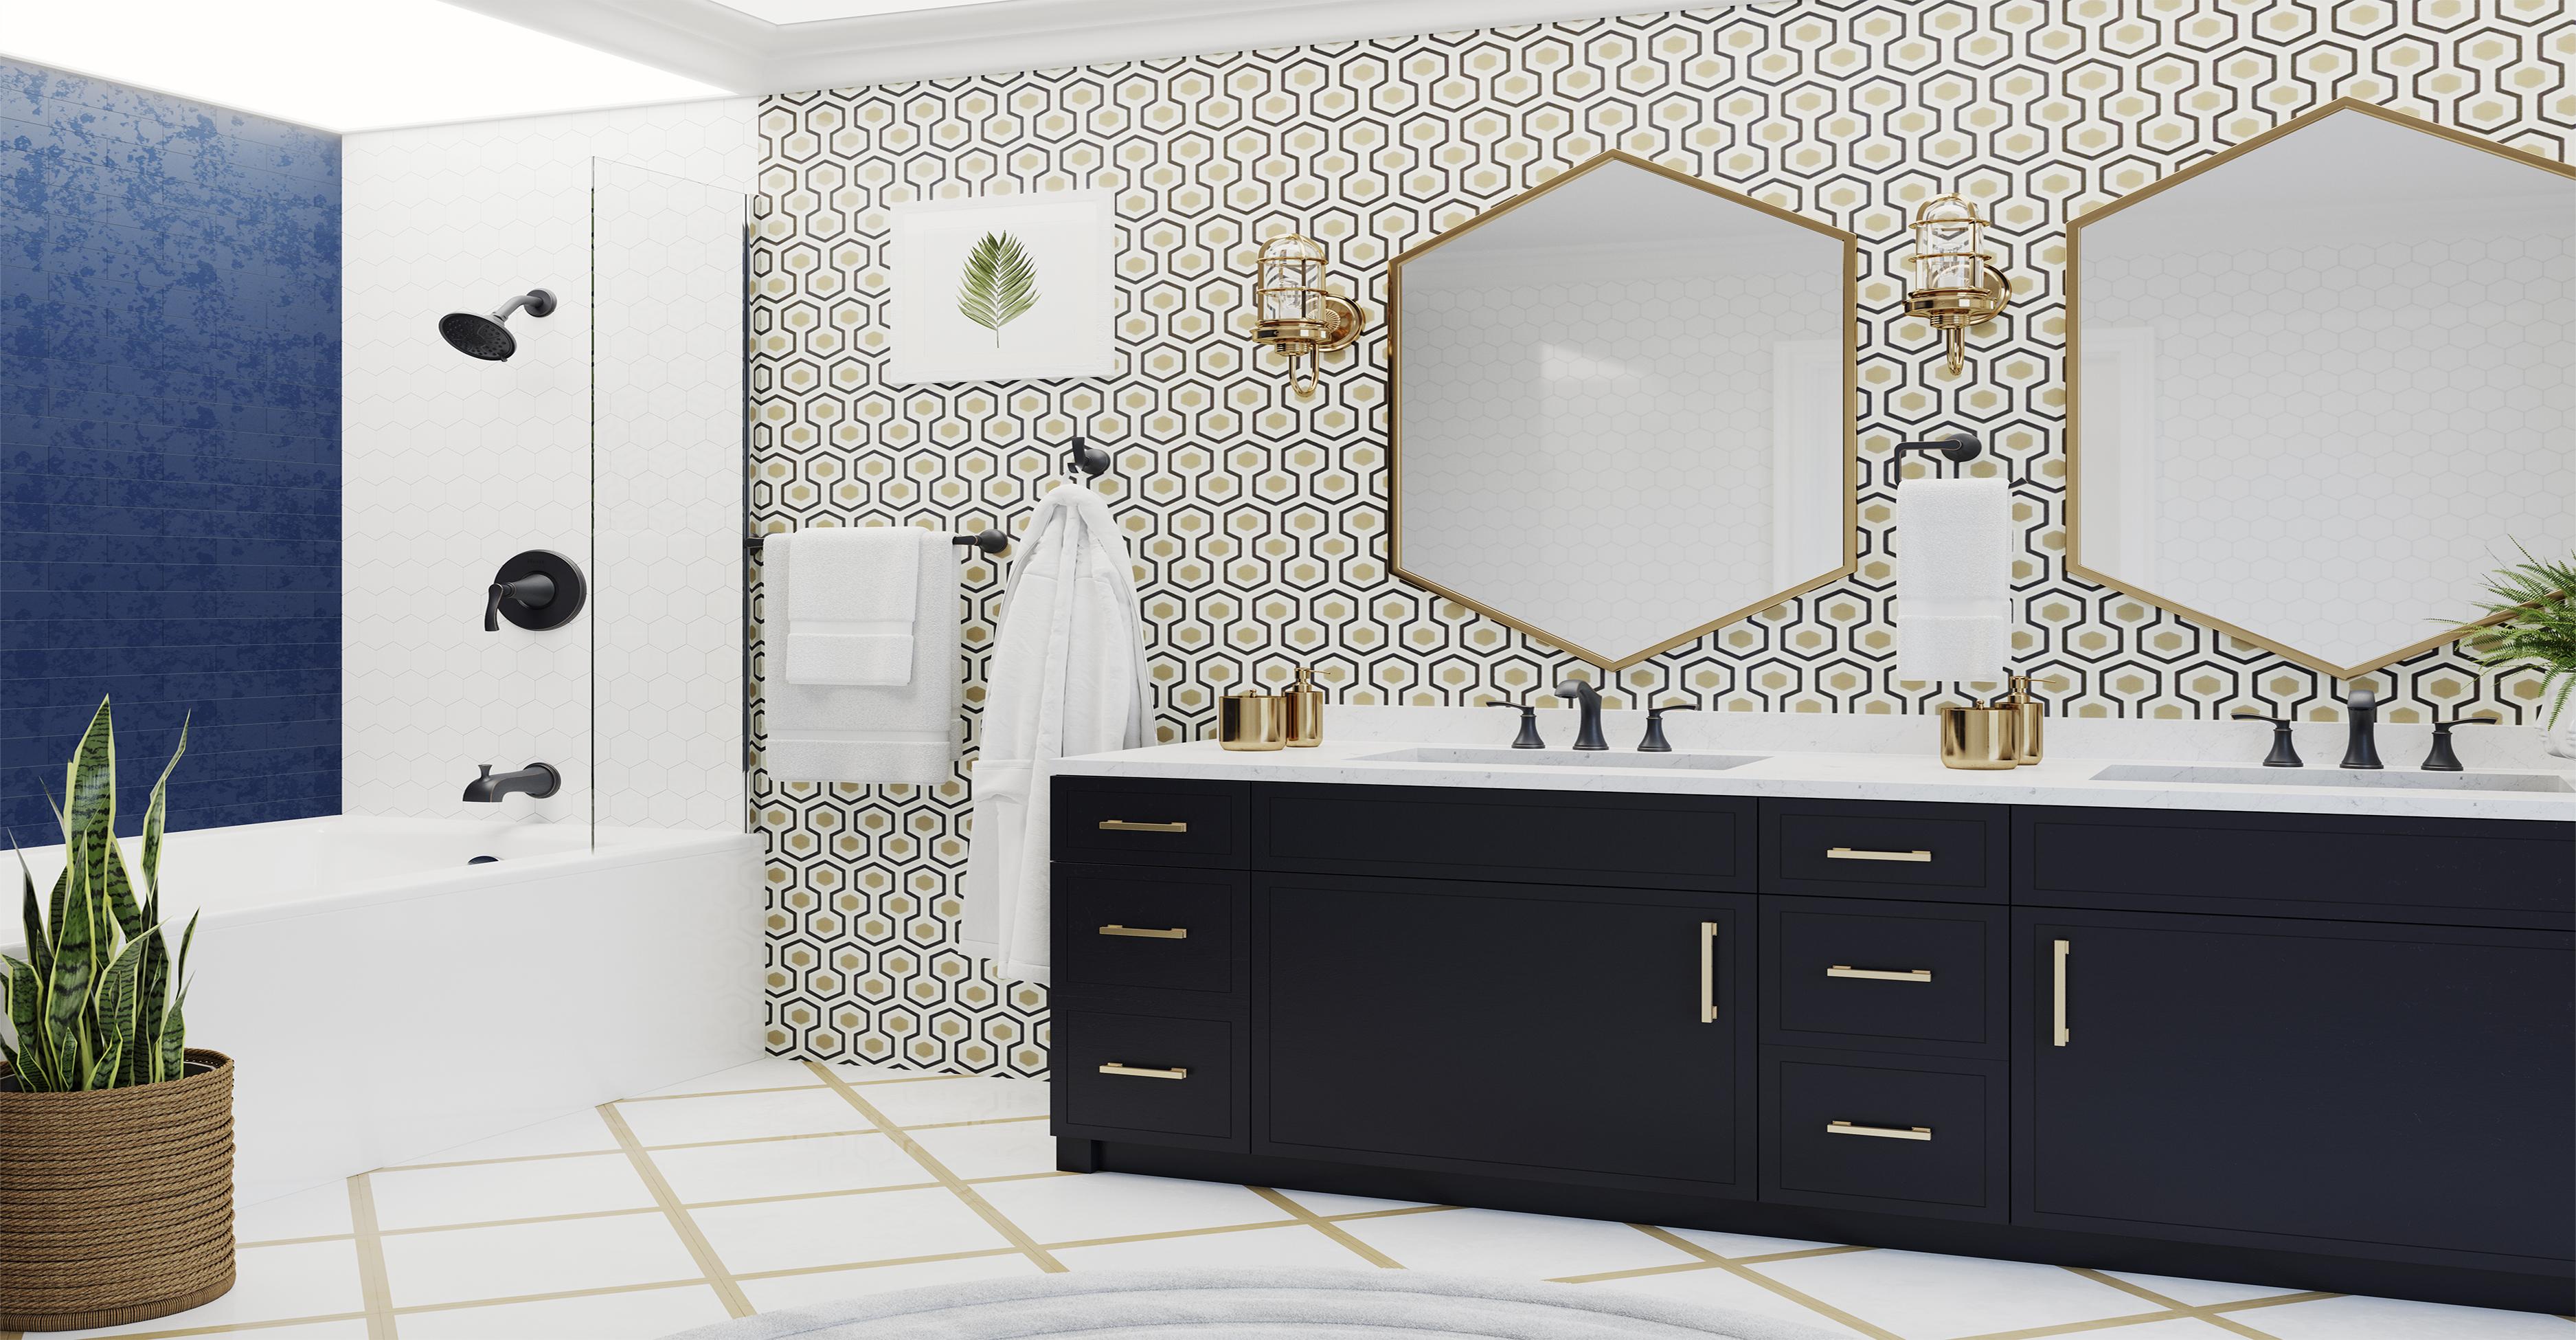 The Auden Bath Collection - Pfister Faucets Kitchen & Bath Design Blog